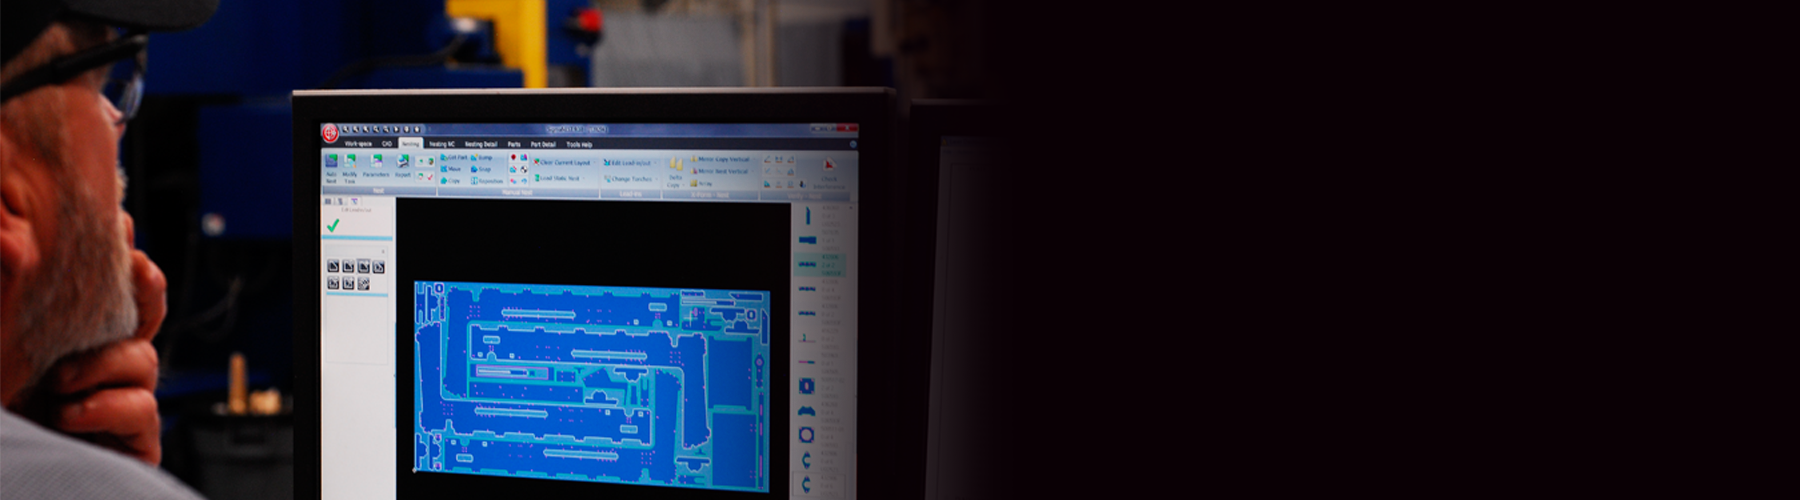 Oprogramowanie CAD/CAM do optymalizacji cięcia - SigmaNEST